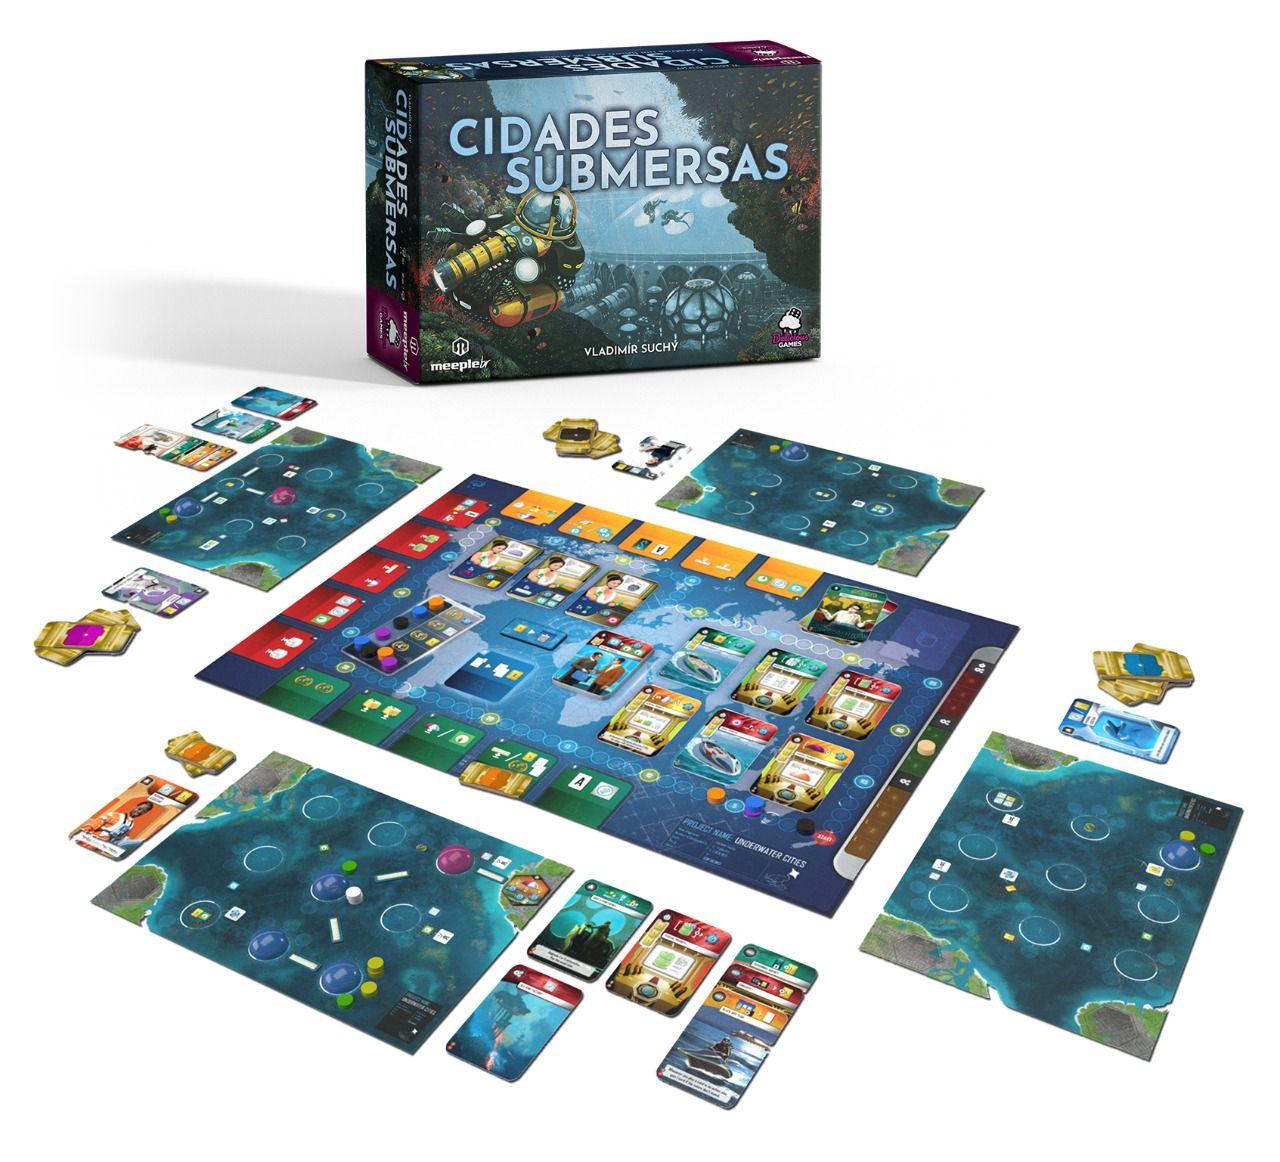 Cidades Submersas Jogo de Tabuleiro Meeple BR   - Place Games